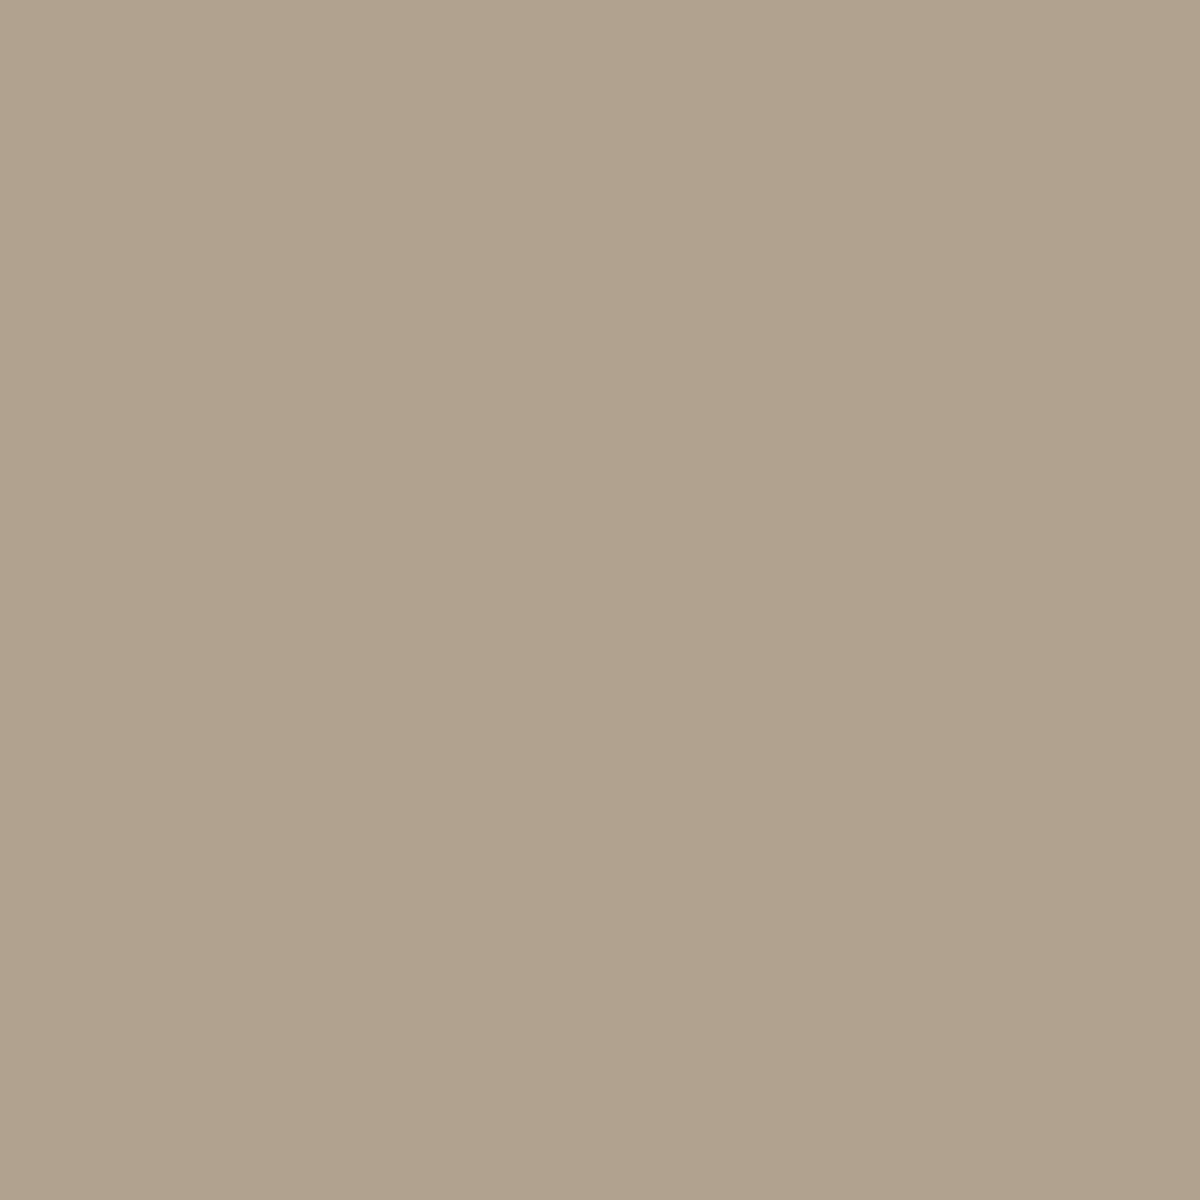 Serviette grege non tissé 40x40 cm Airlaid Duni (60 pièces)